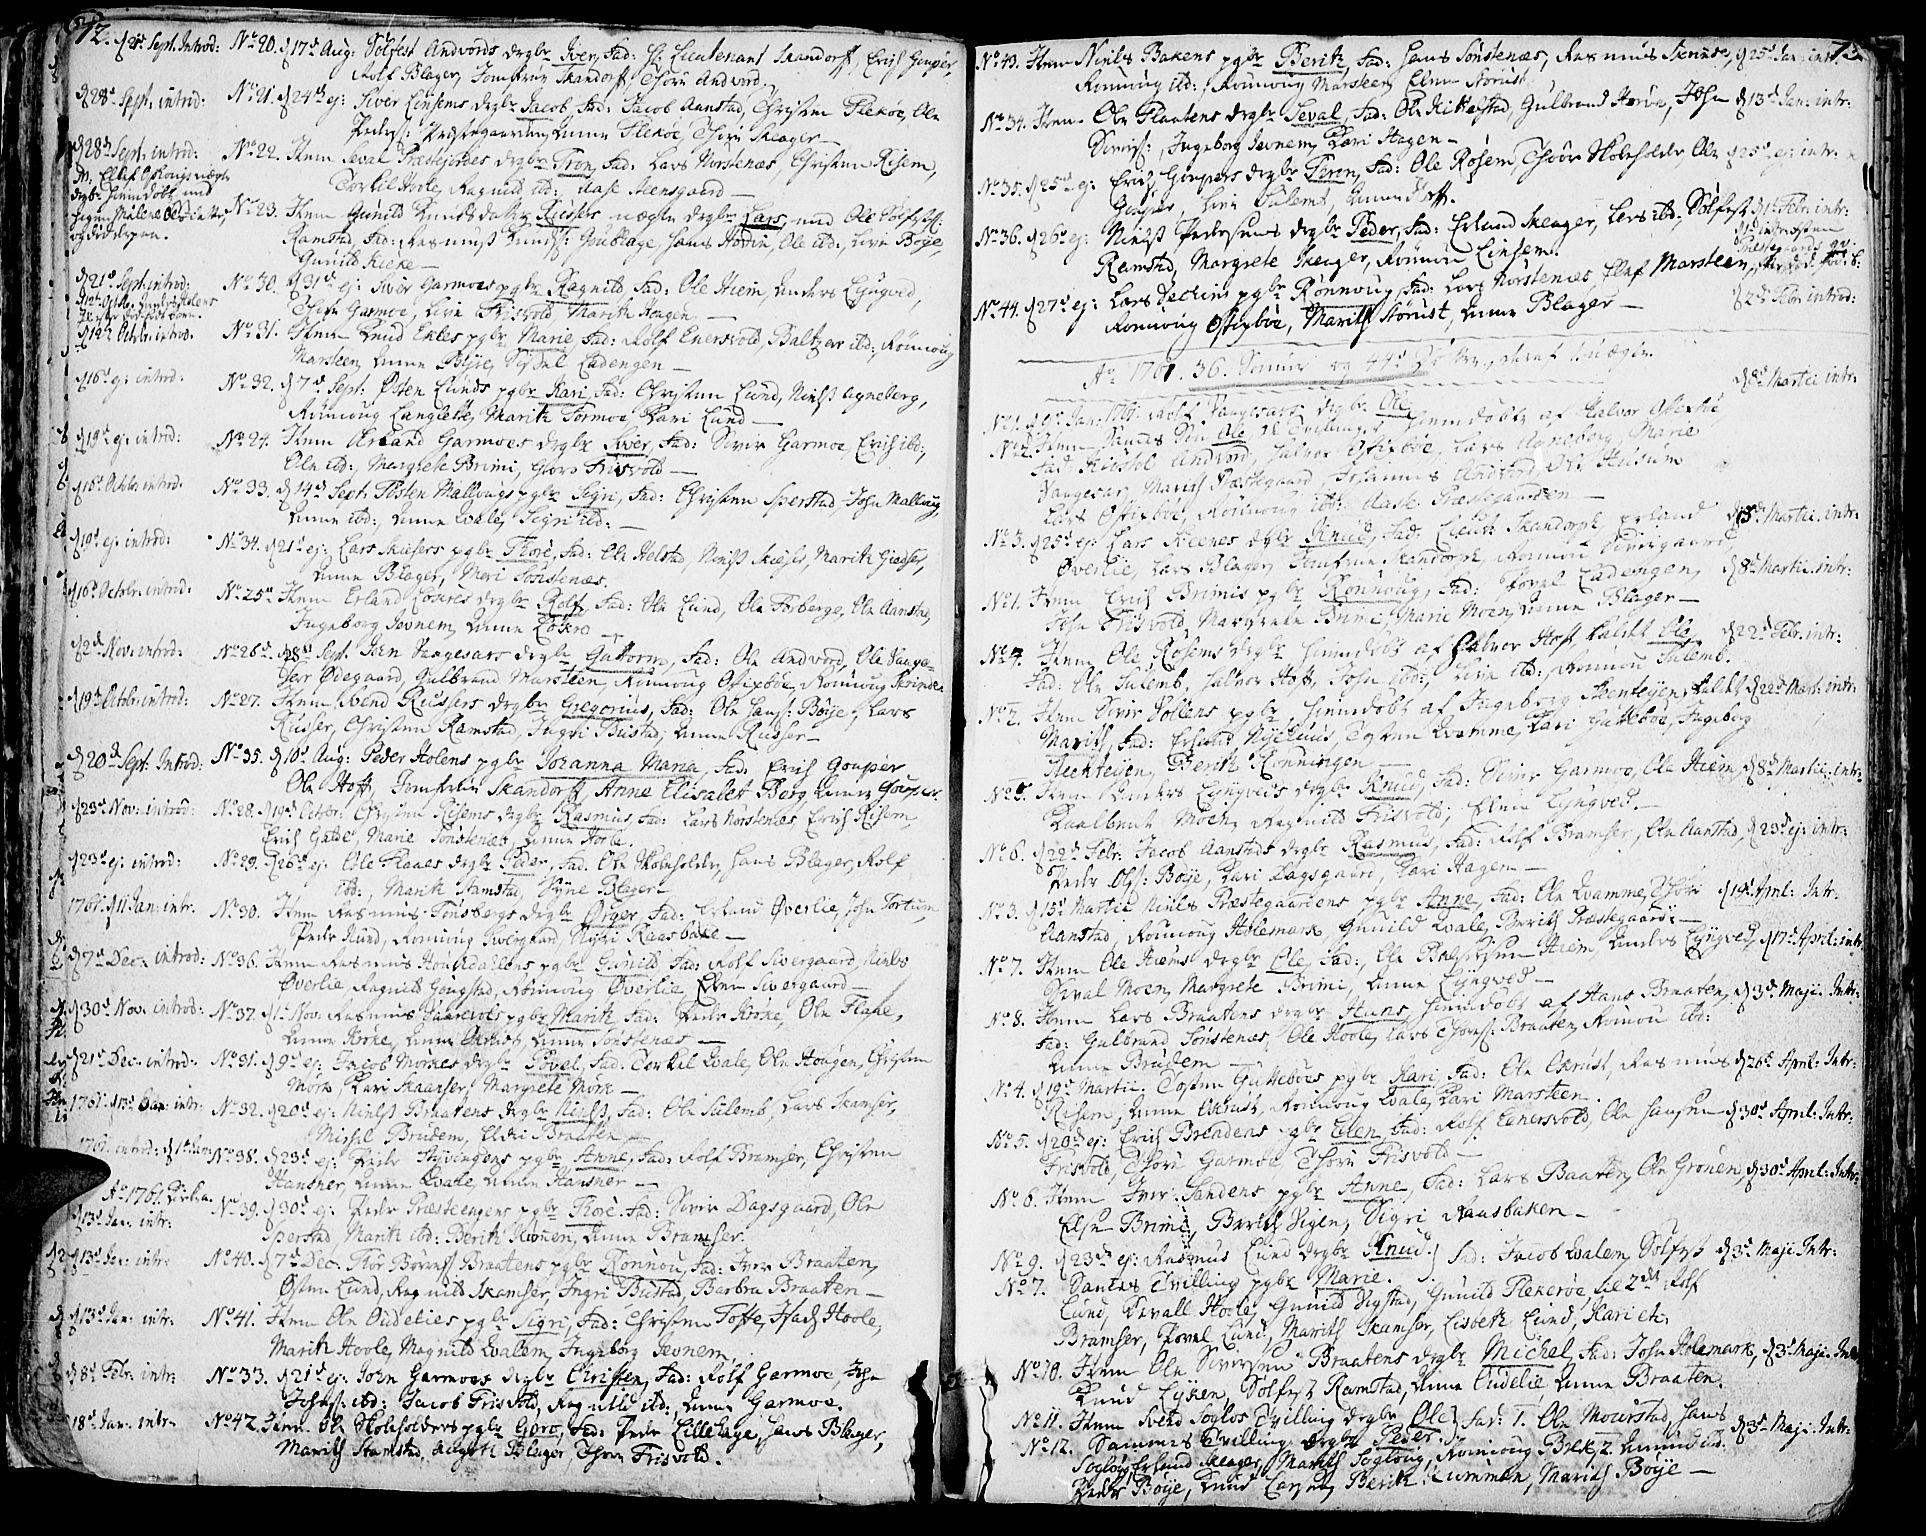 SAH, Lom prestekontor, K/L0002: Ministerialbok nr. 2, 1749-1801, s. 72-73